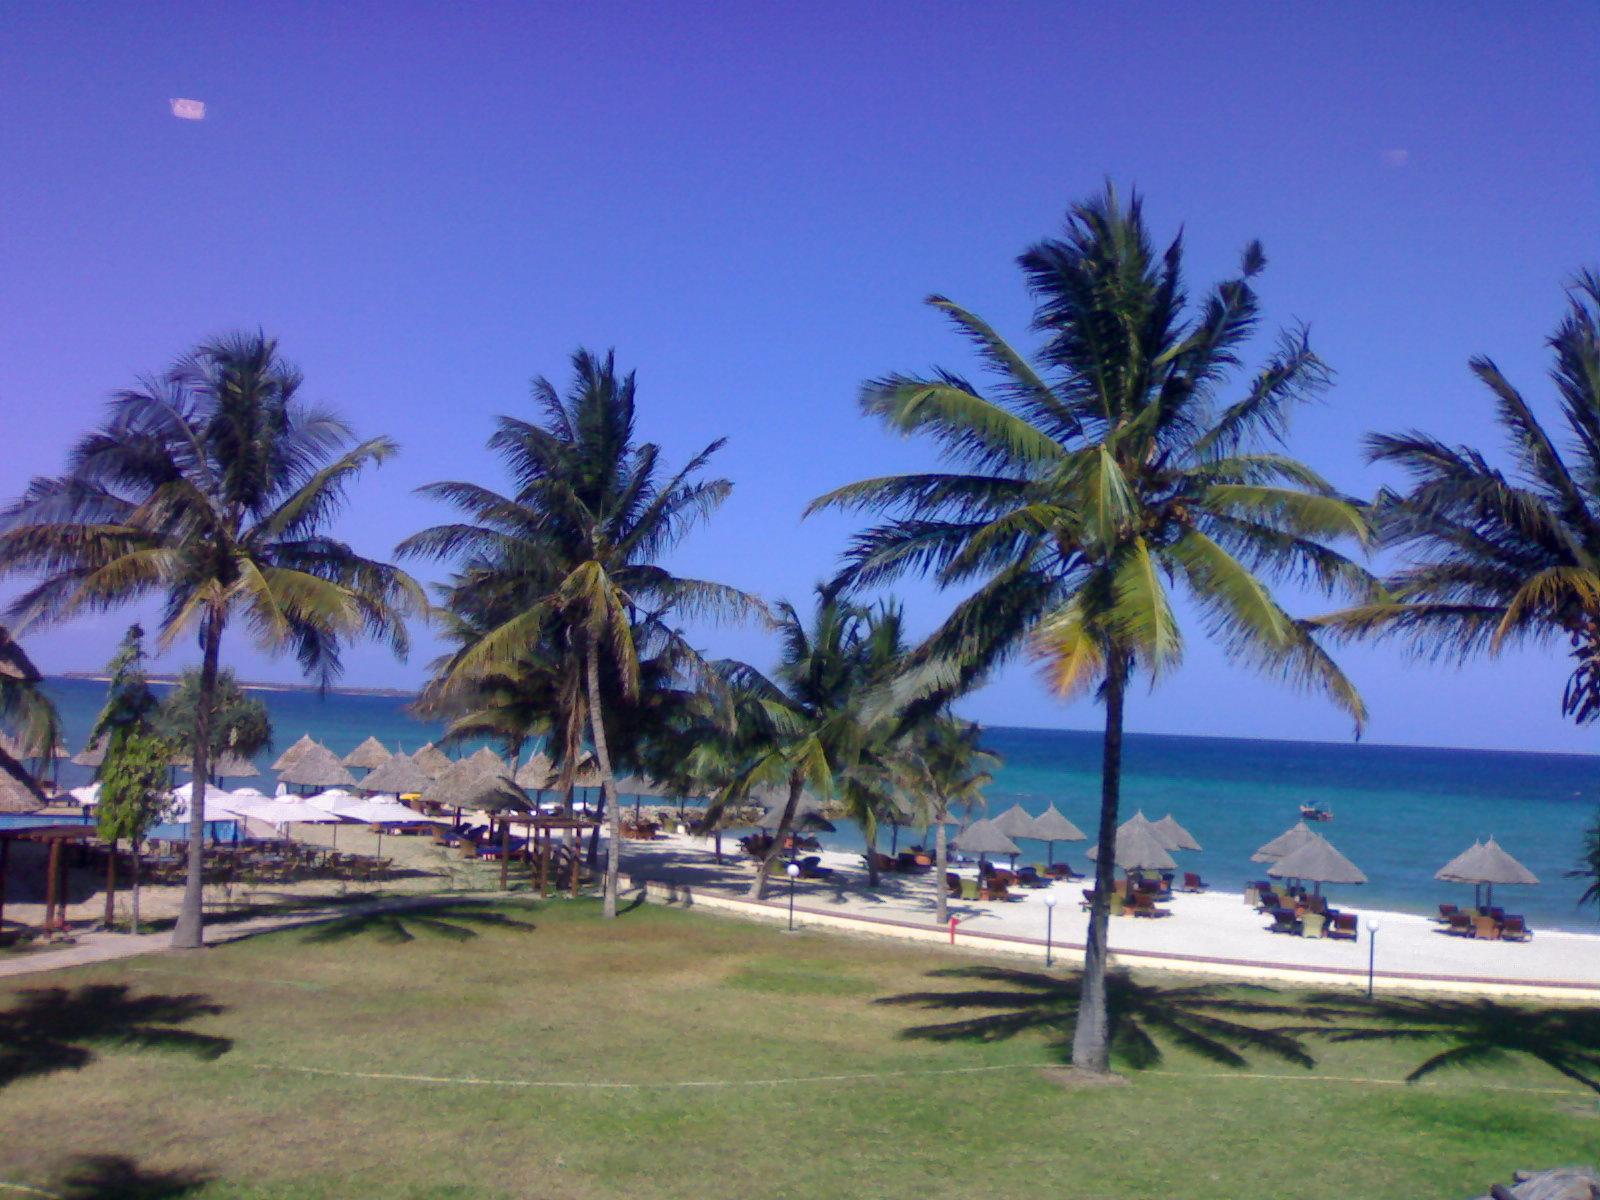 http://1.bp.blogspot.com/_Y9ucDp_oGA8/S_lPoeCcfhI/AAAAAAAAFbM/Ia_vJKl_1pA/s1600/zanzibar_beach_tanzania%2B.jpg